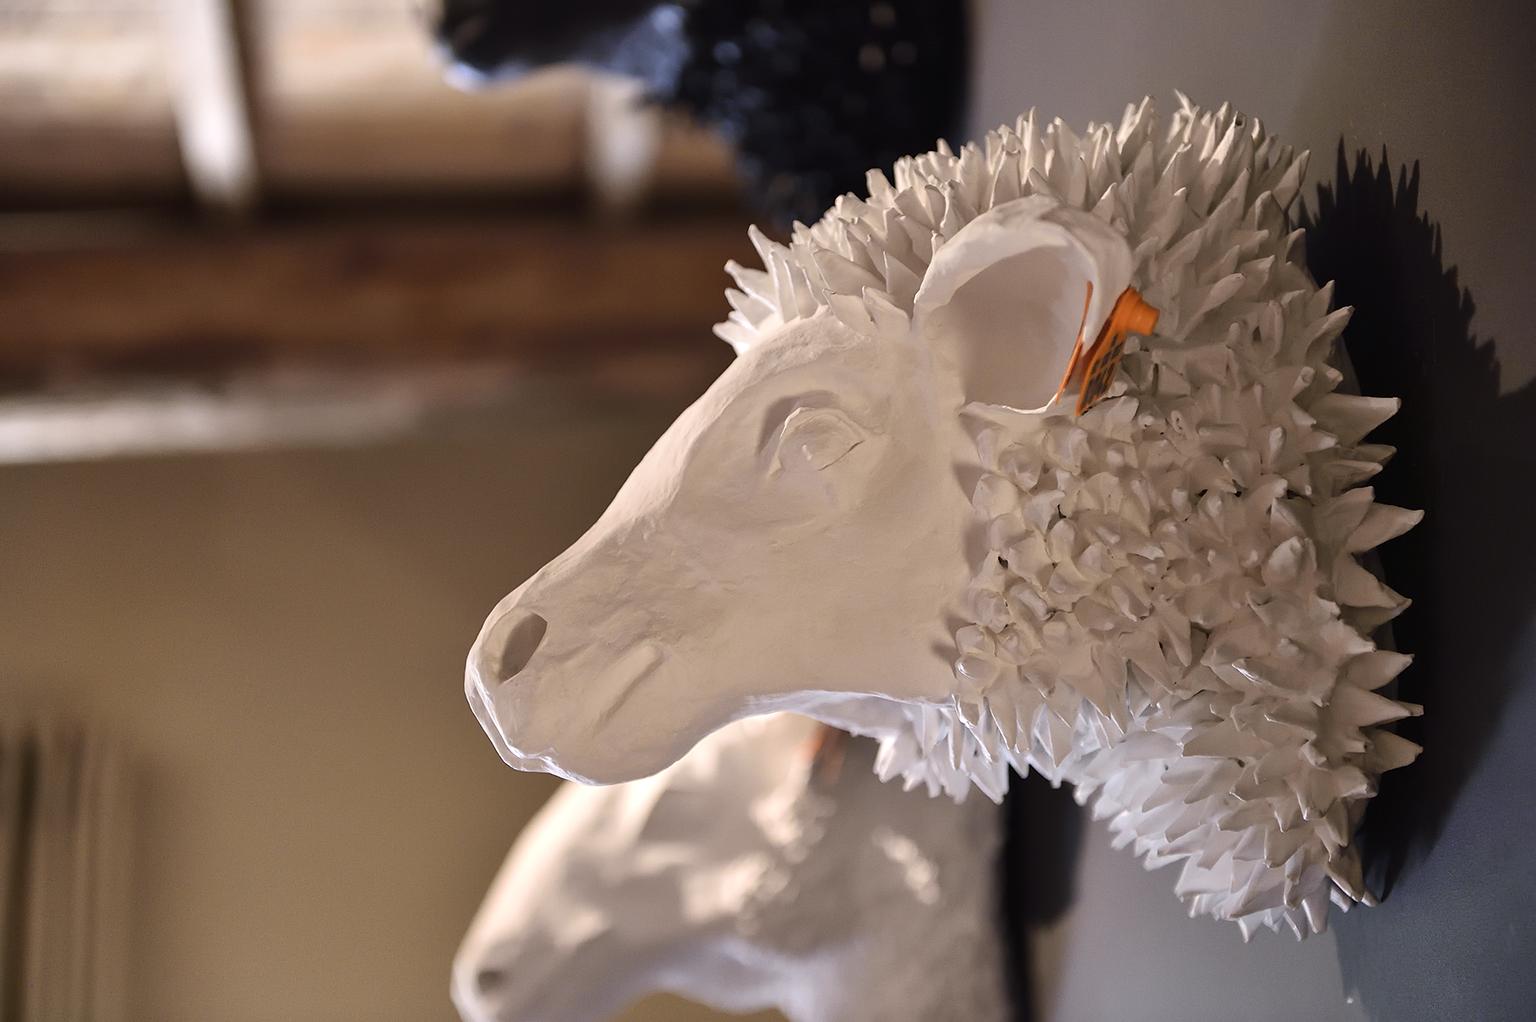 Les sculptures en papier-mâché de Marie Talalaef